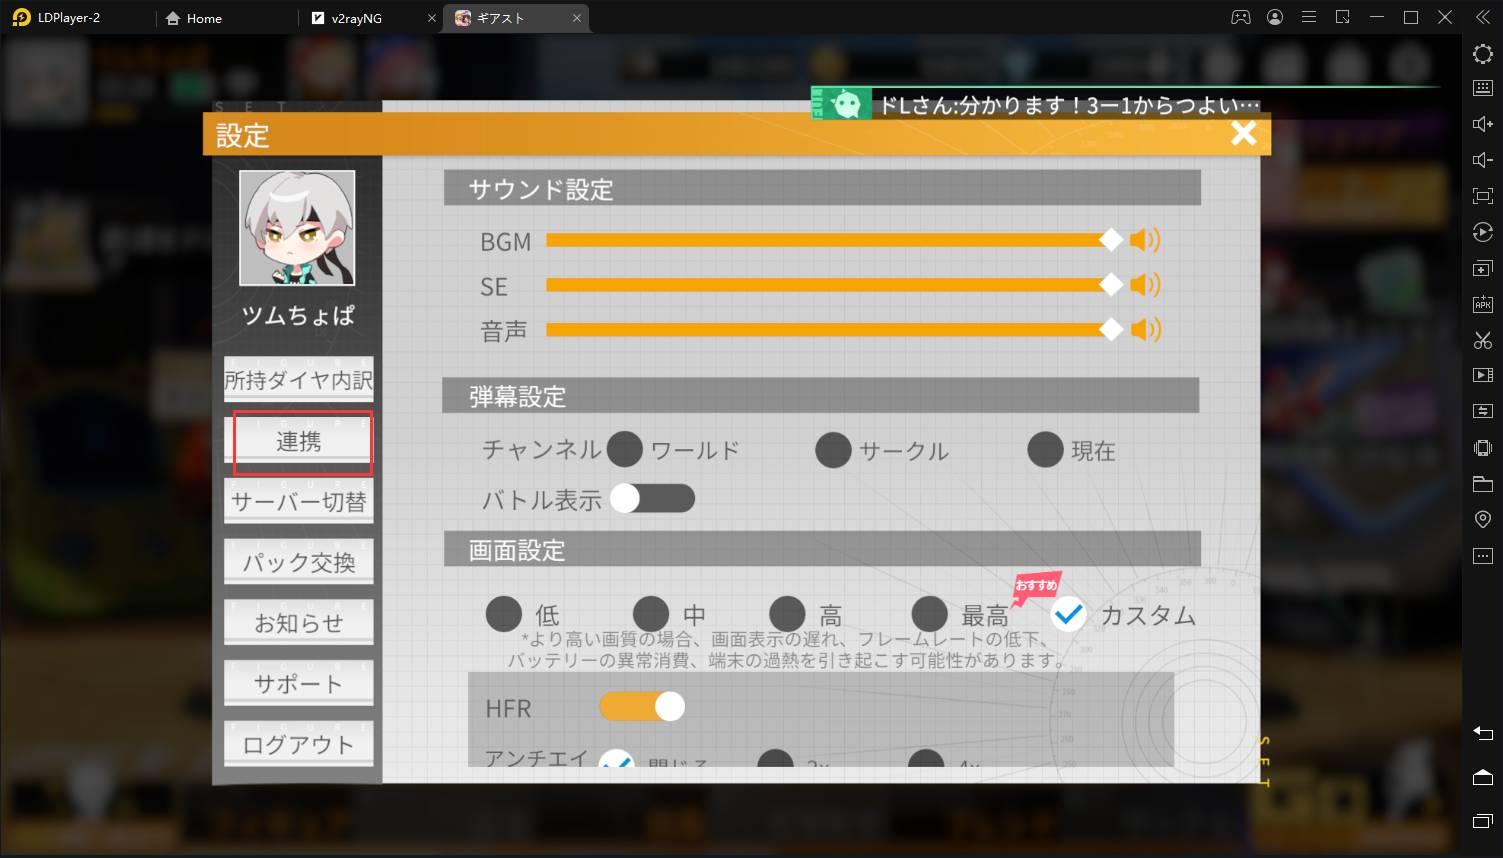 【フィギュアストーリー】効率的なリセマラのやり方、PCでプレイ可能!